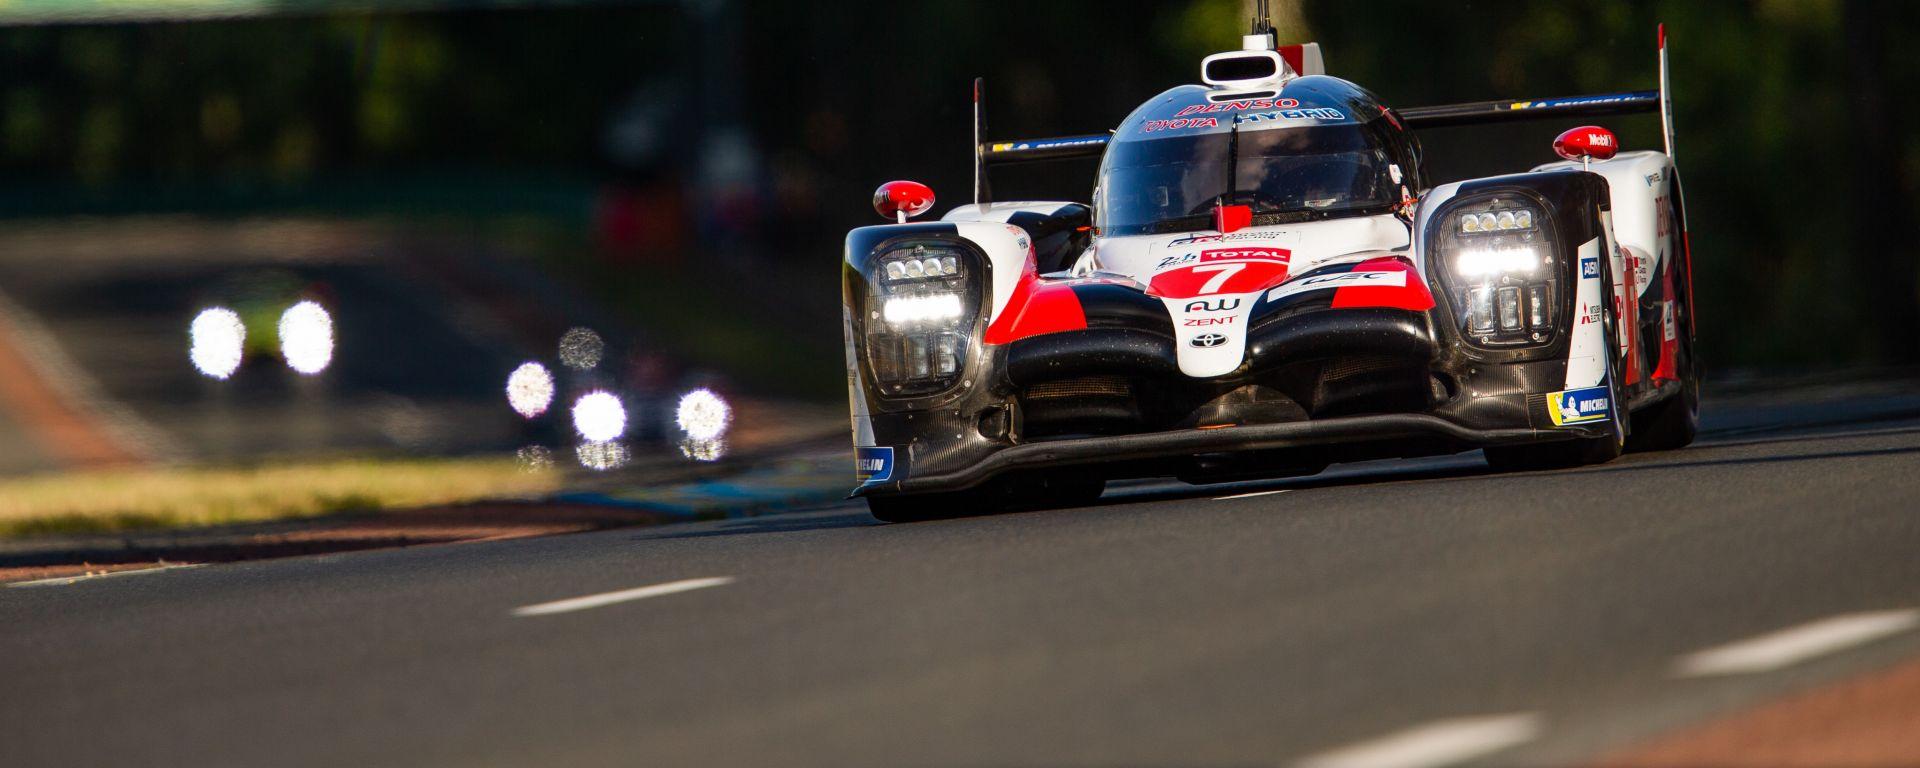 24 Ore di Le Mans 2019: la Toyota LMP1 numero 7